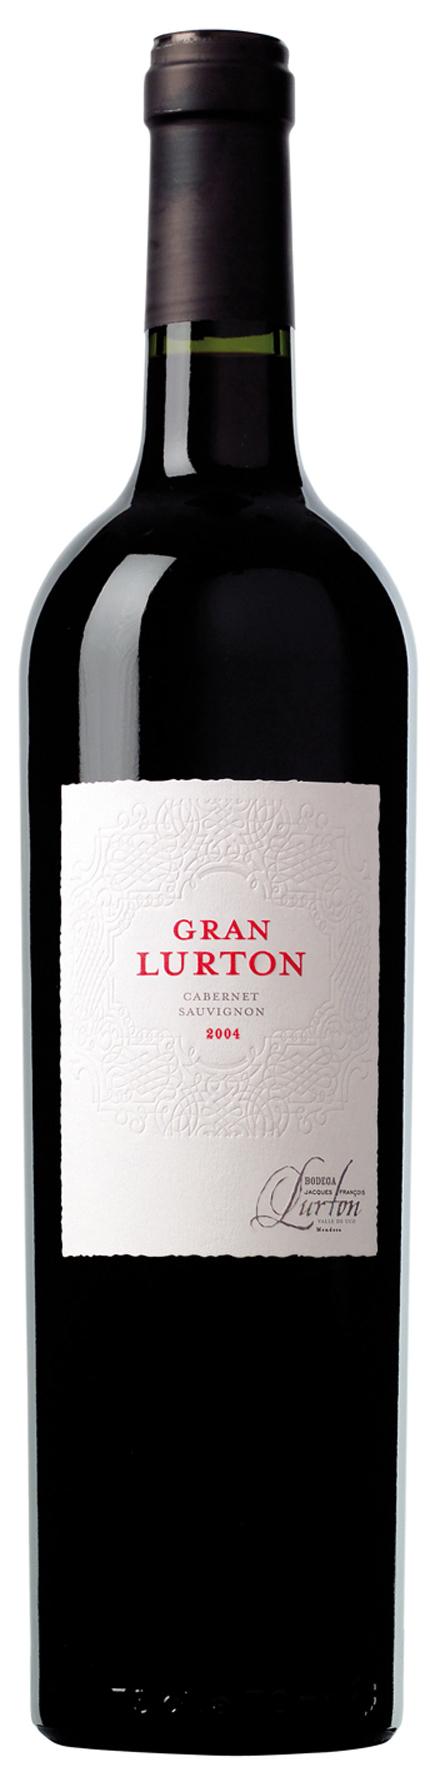 Gran Lurton Cabernet Sauvignon 2015